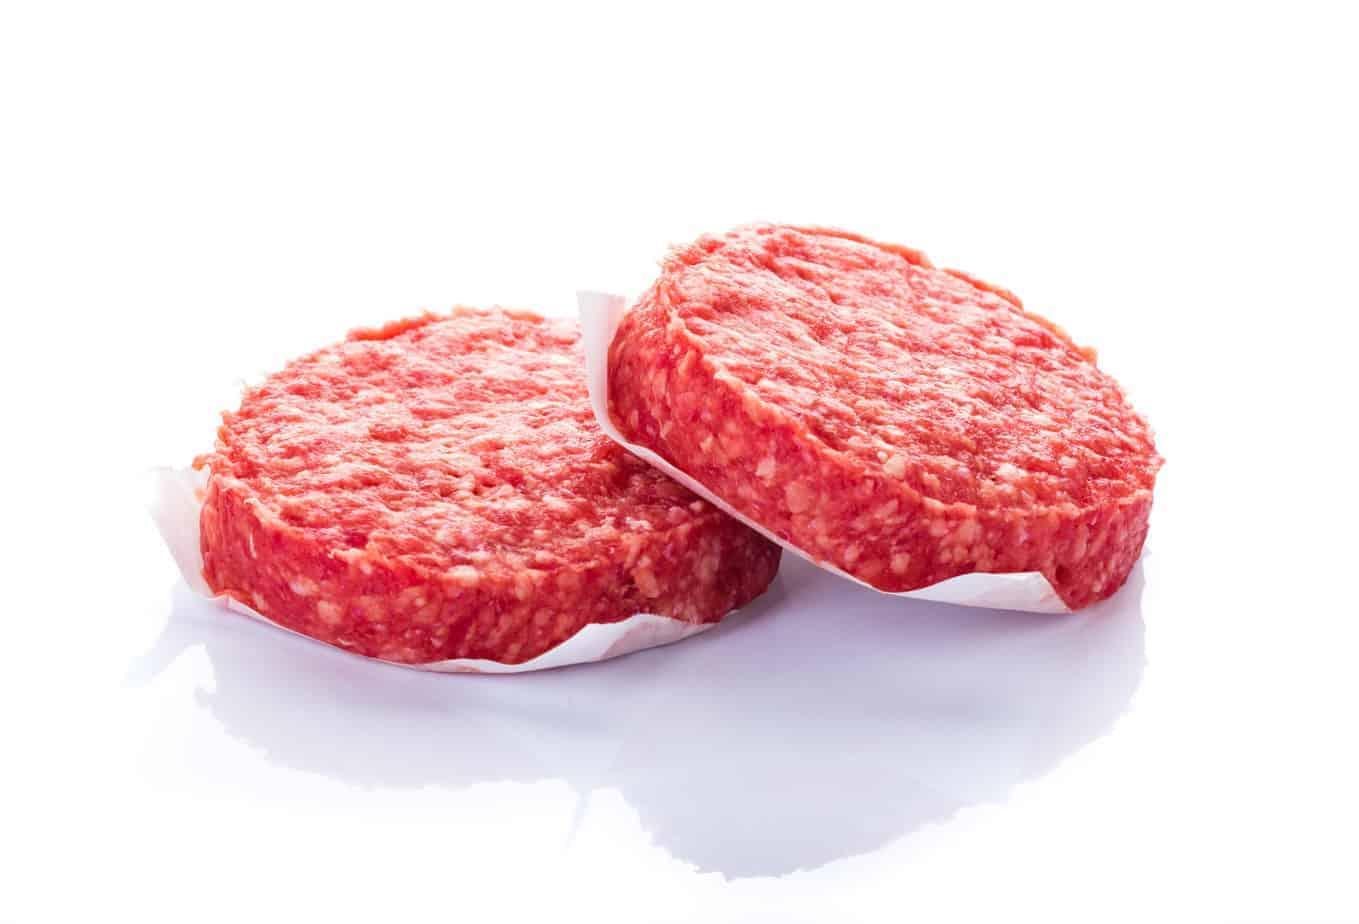 Hamburgerfleisch 200 g Salomon Homestyle Angus Beef